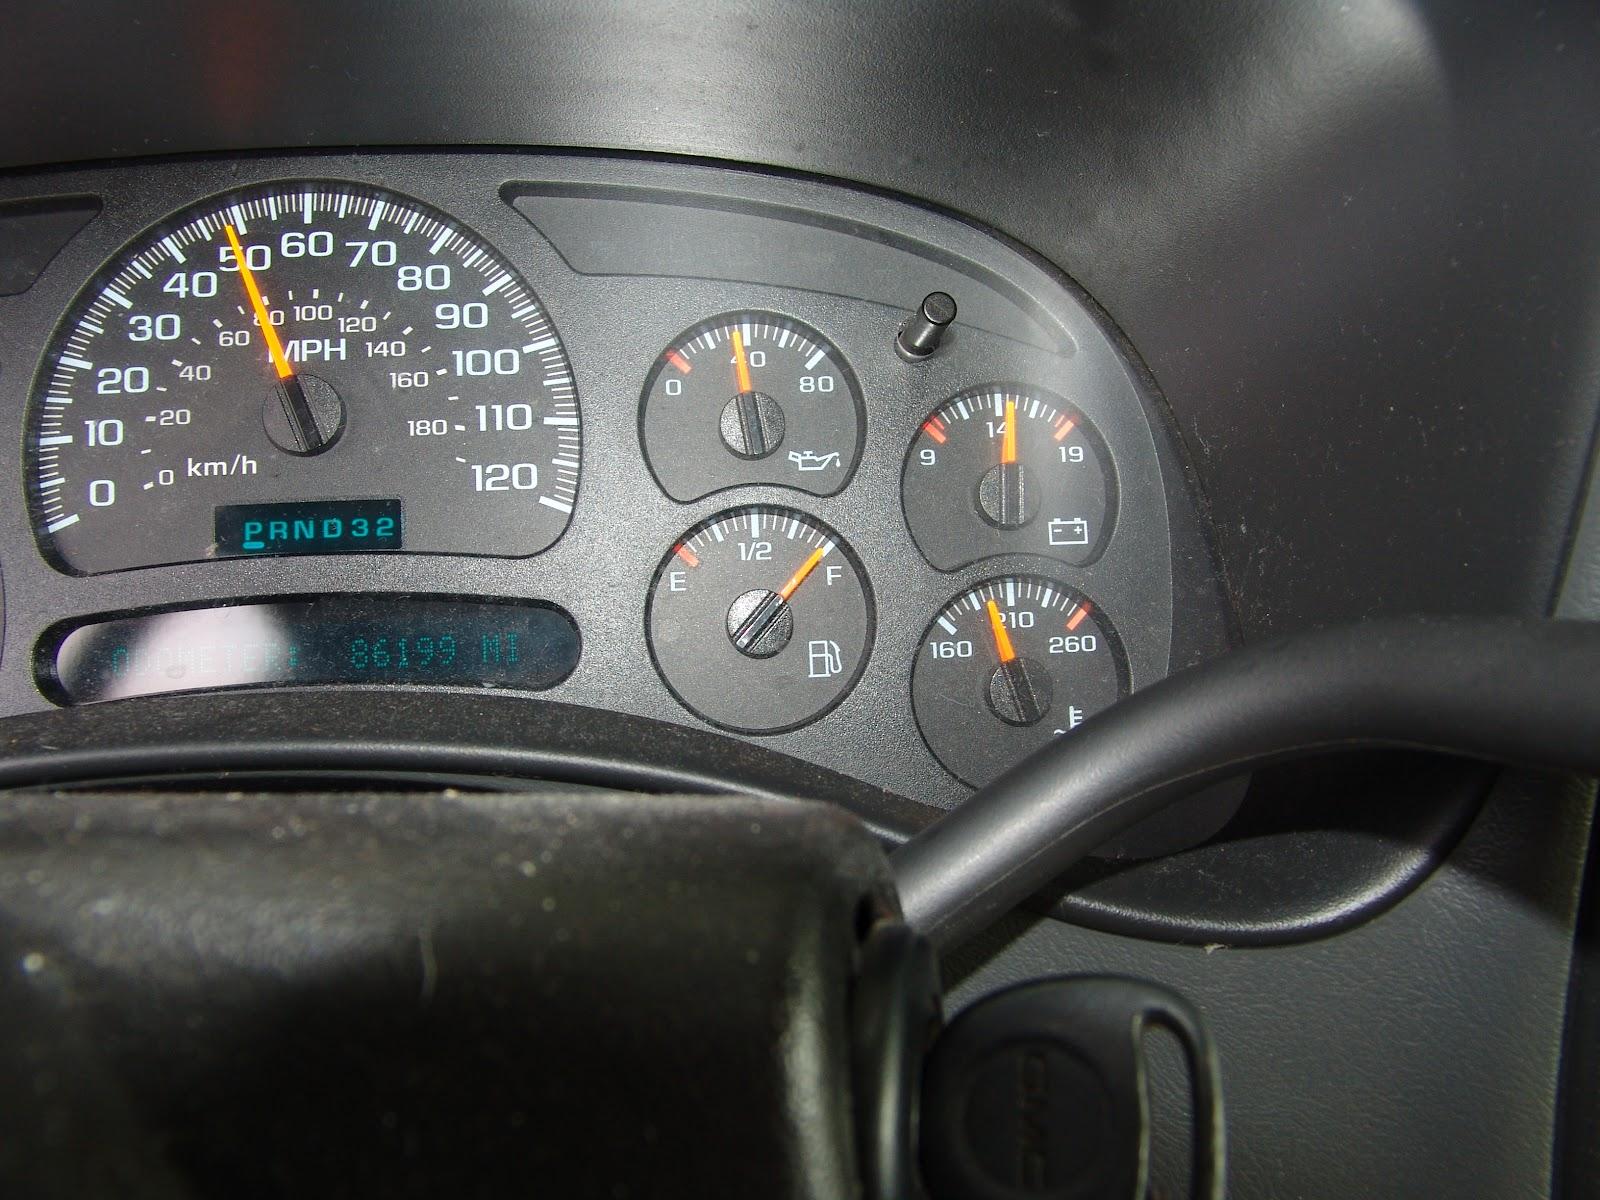 7 wire trailer wiring diagram chevy truck 7 plug trailer wiring diagram diesel truck #10